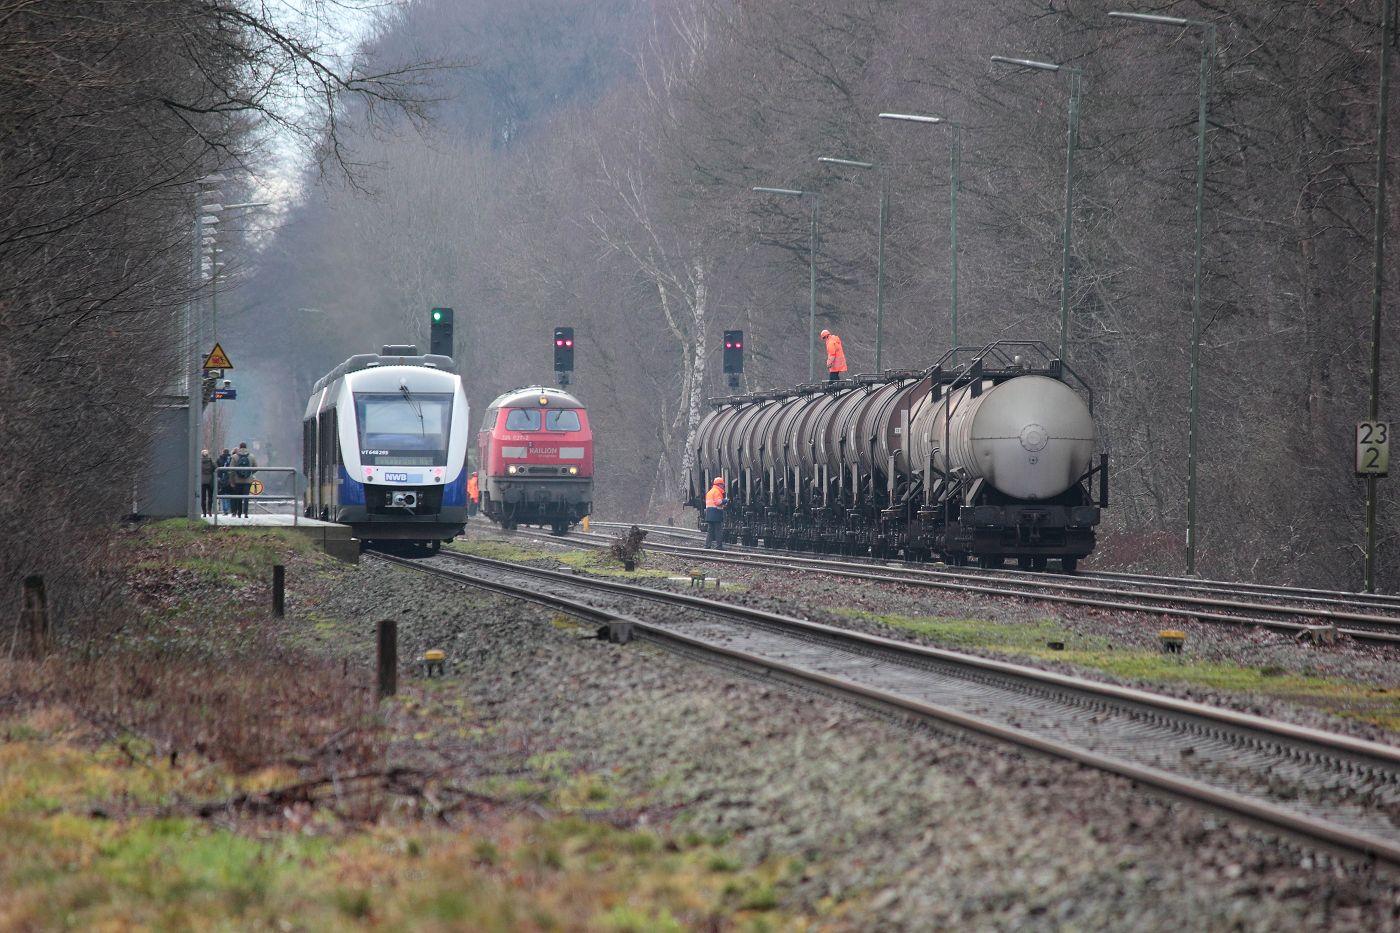 http://www.nachtbahner.de/Fotos/2014-02-11%20225er%20rund%20um%20Oldenburg/k-IMG_1013%20225er%20rund%20um%20Oldenburg%2011.02.14%20(7).JPG